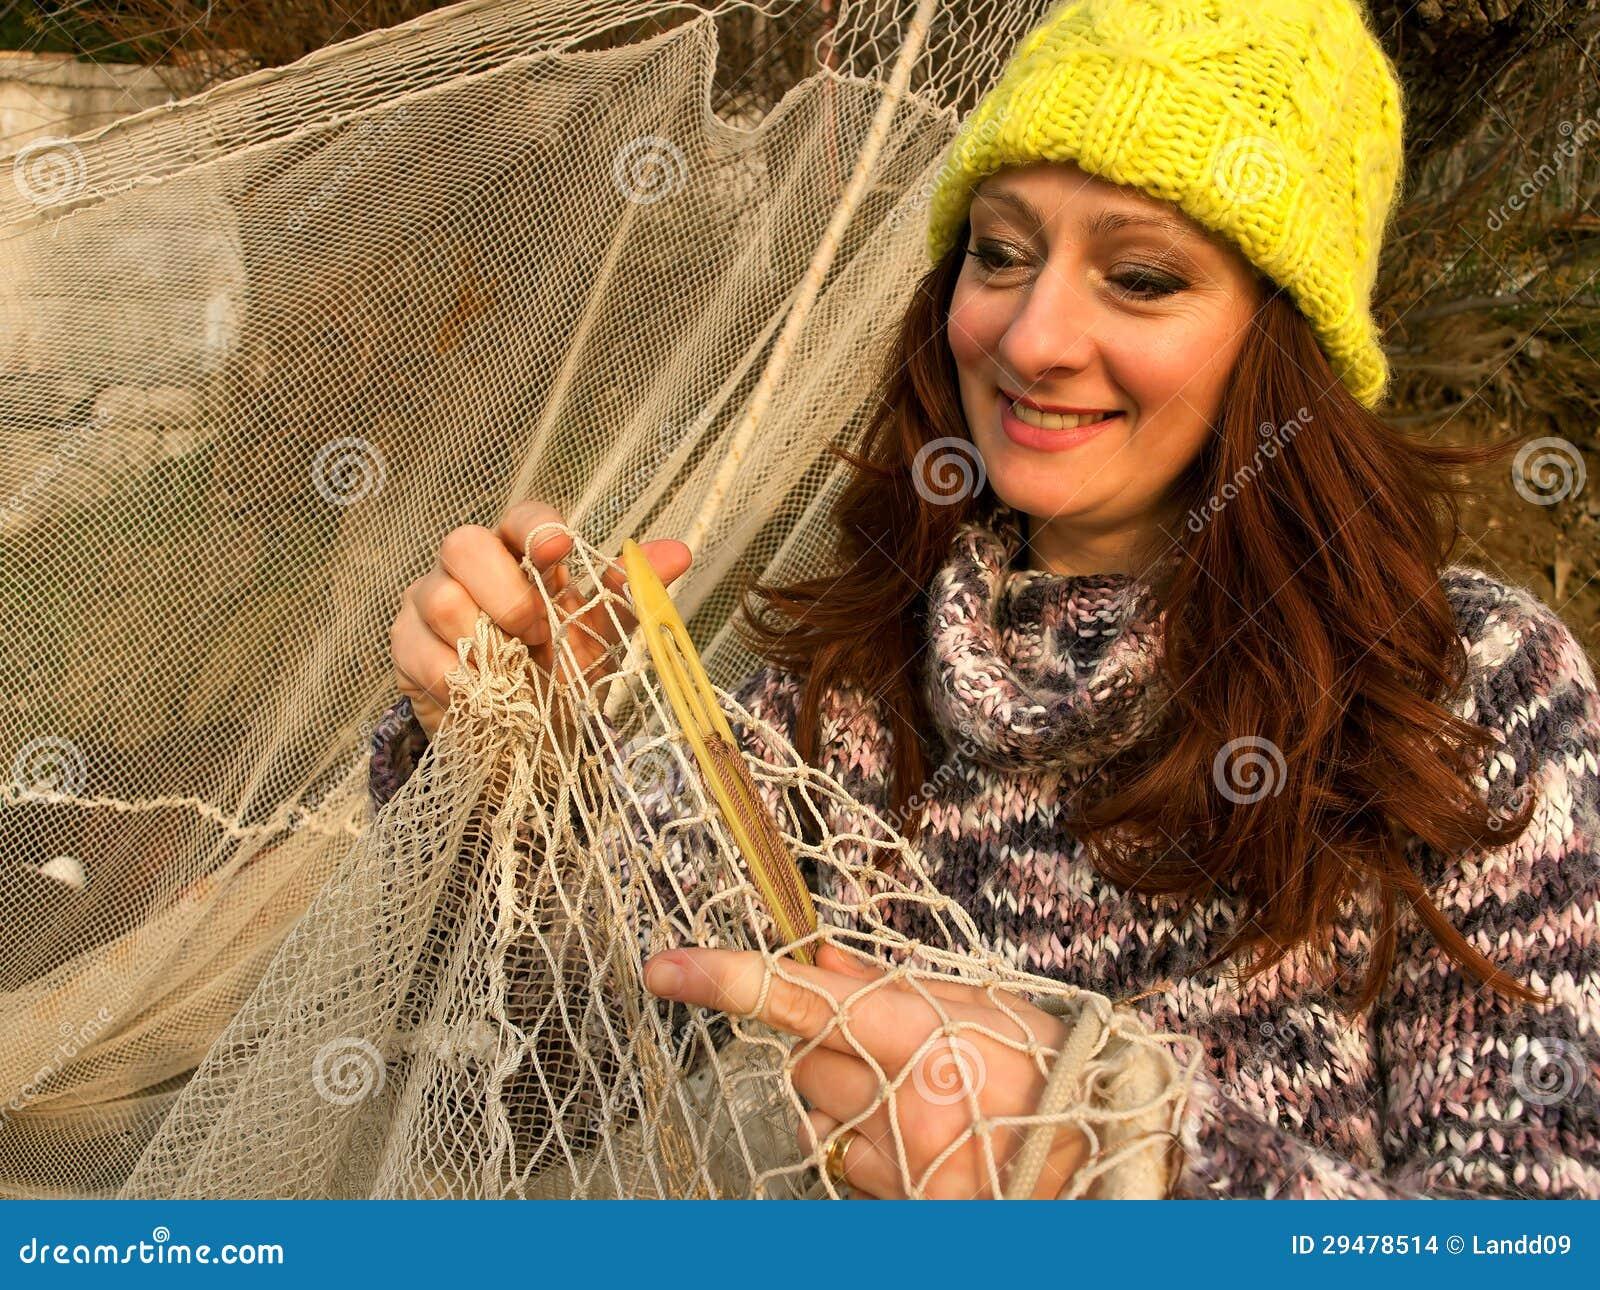 Women mend a fishing net